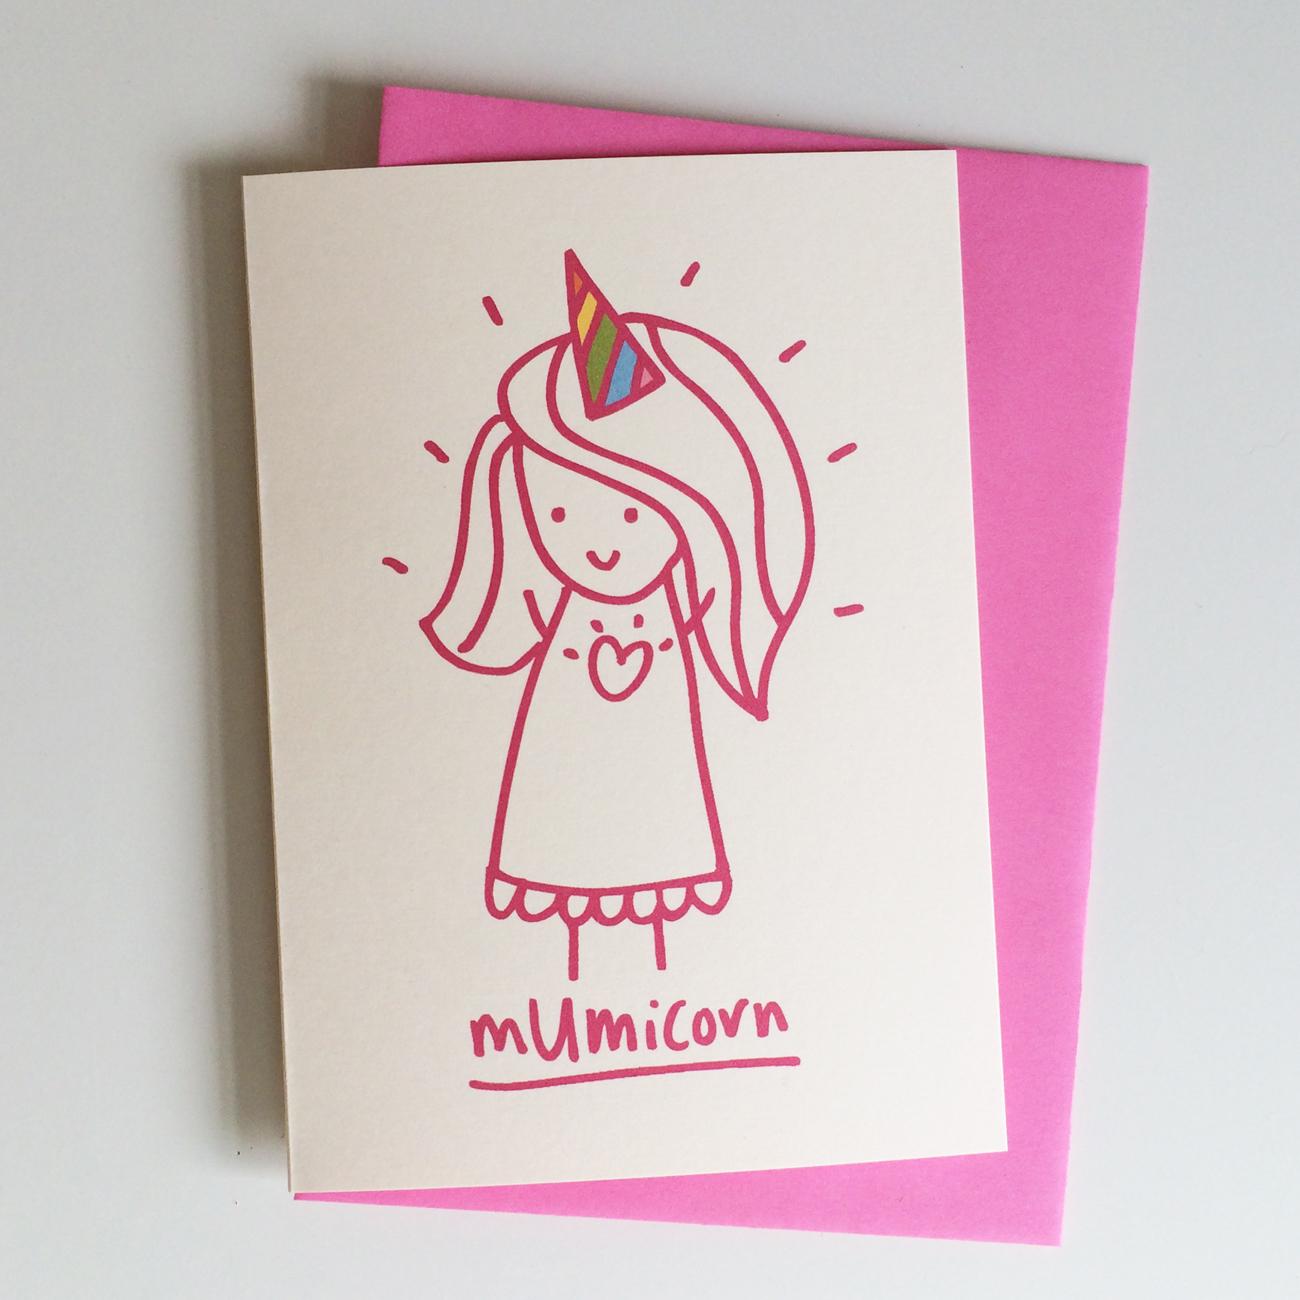 mumicorn-nothcard.jpg